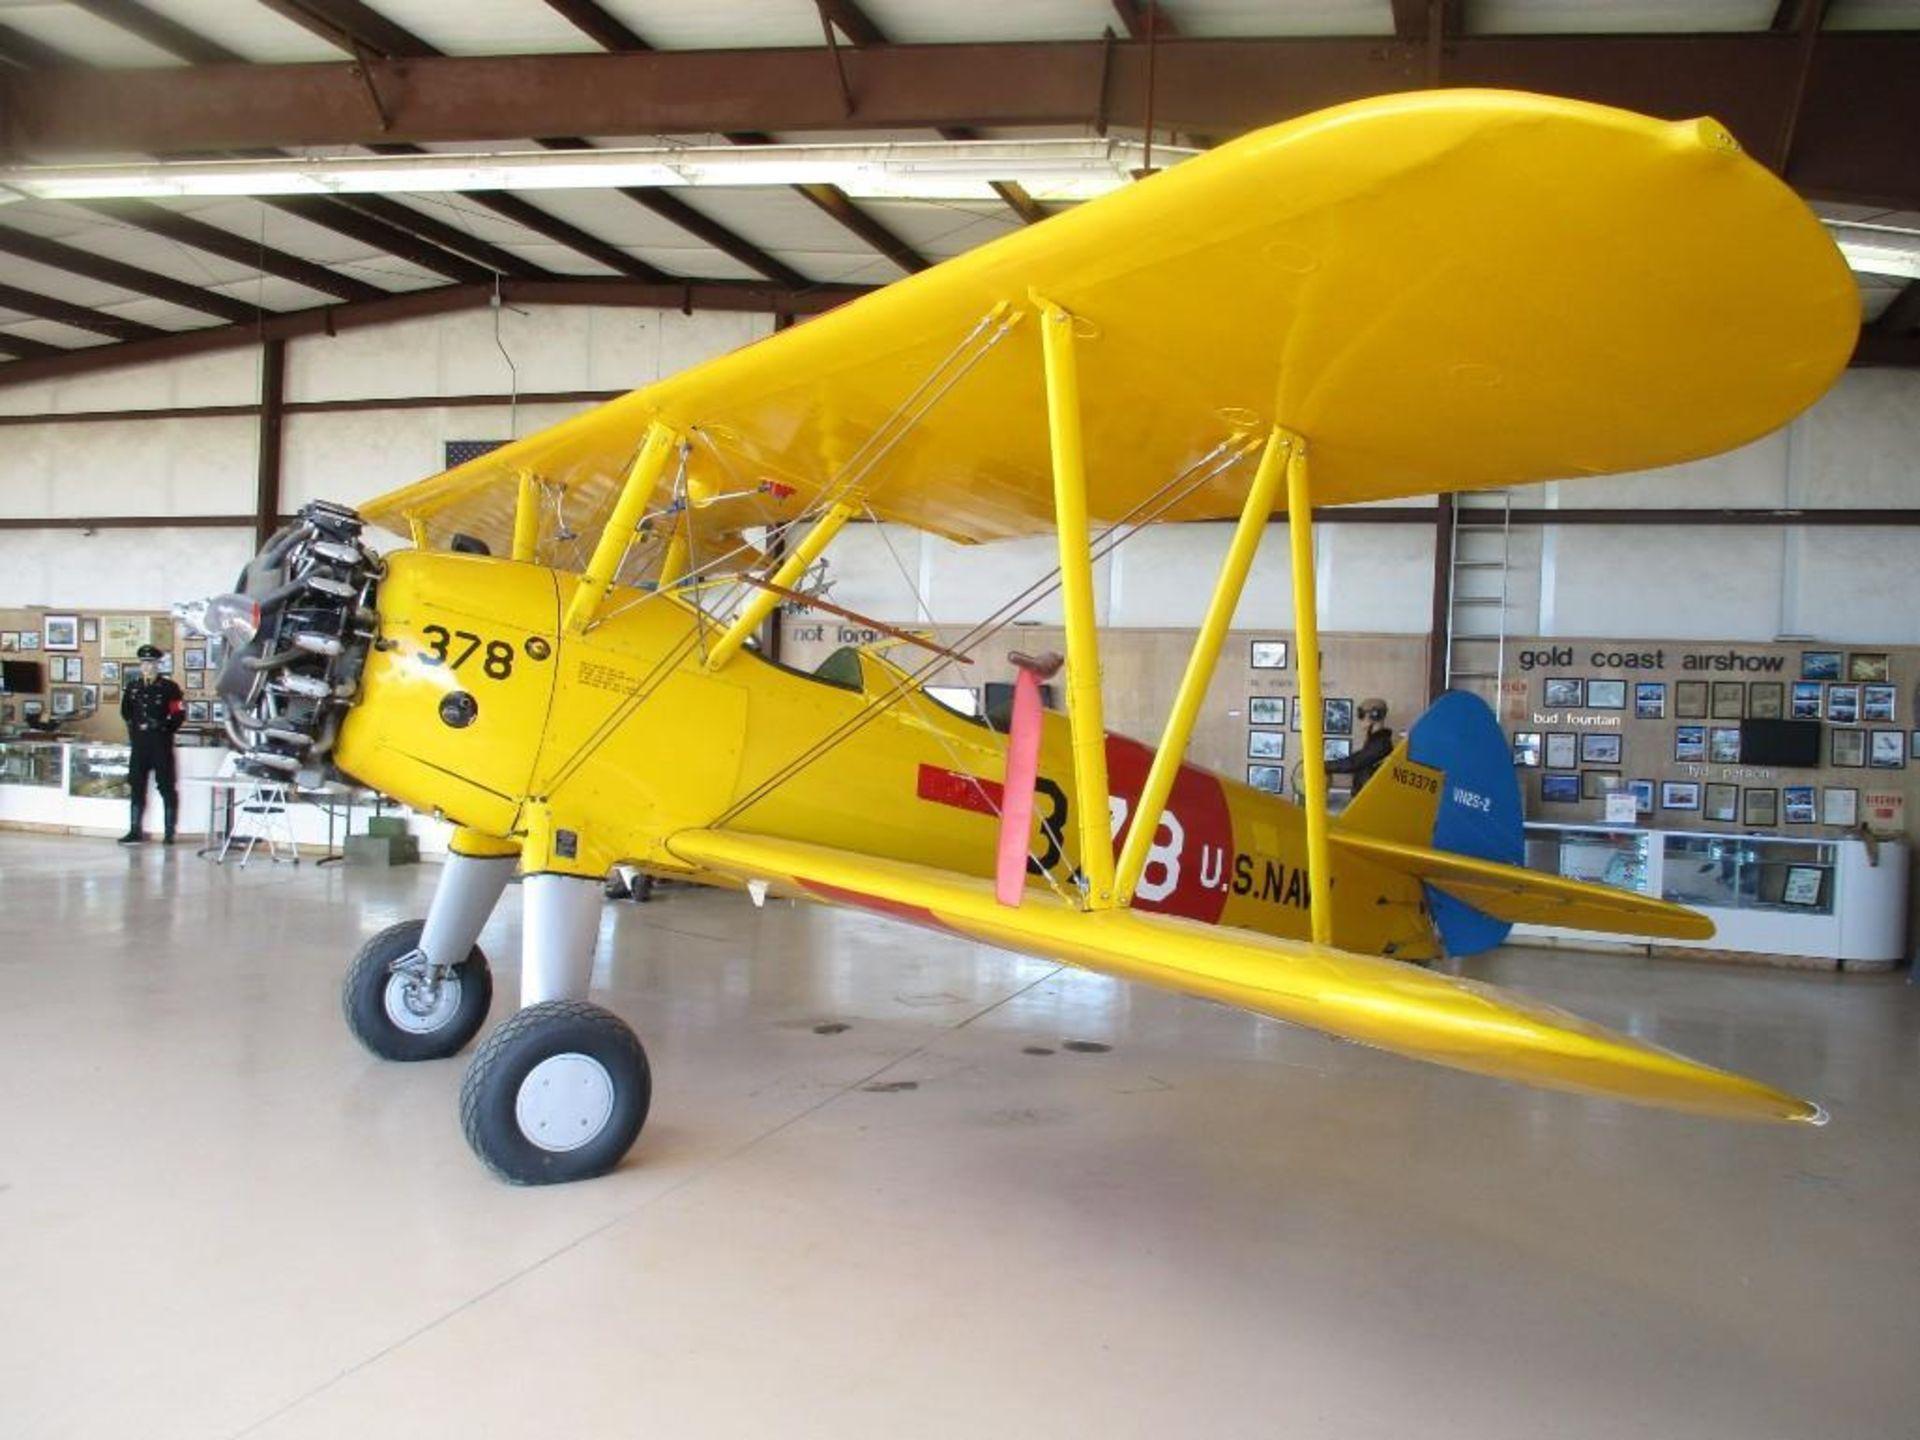 1937 BOEING A-75 STEARMAN N63378 S/N/ 75-254 - Image 4 of 7